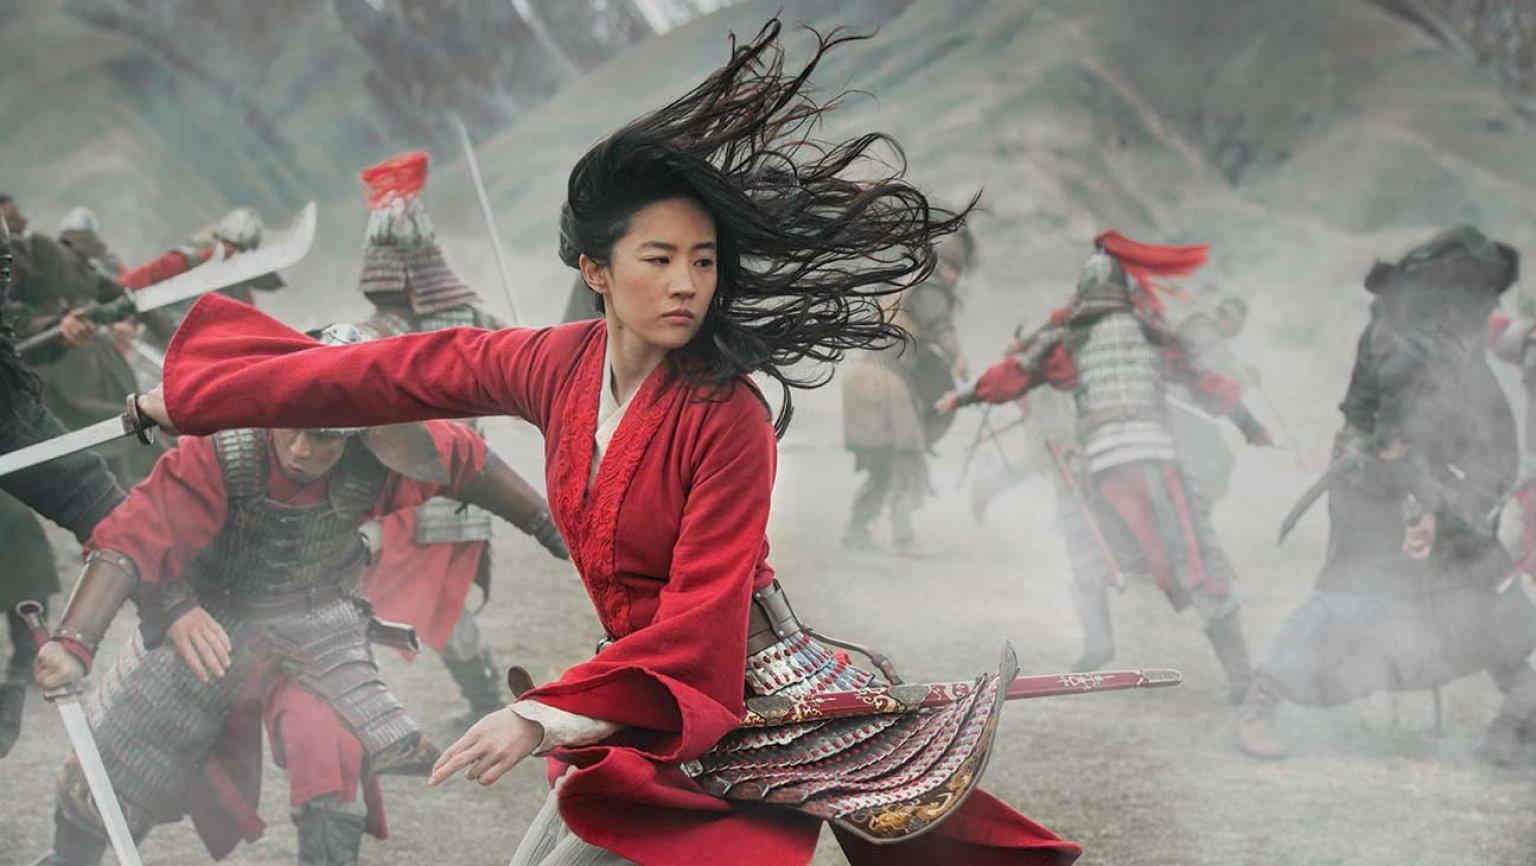 Bom tấn 200 triệu USD 'Mulan' bỏ rạp, chiếu online trên Disney+, giá thuê phim gần 700.000 đồng